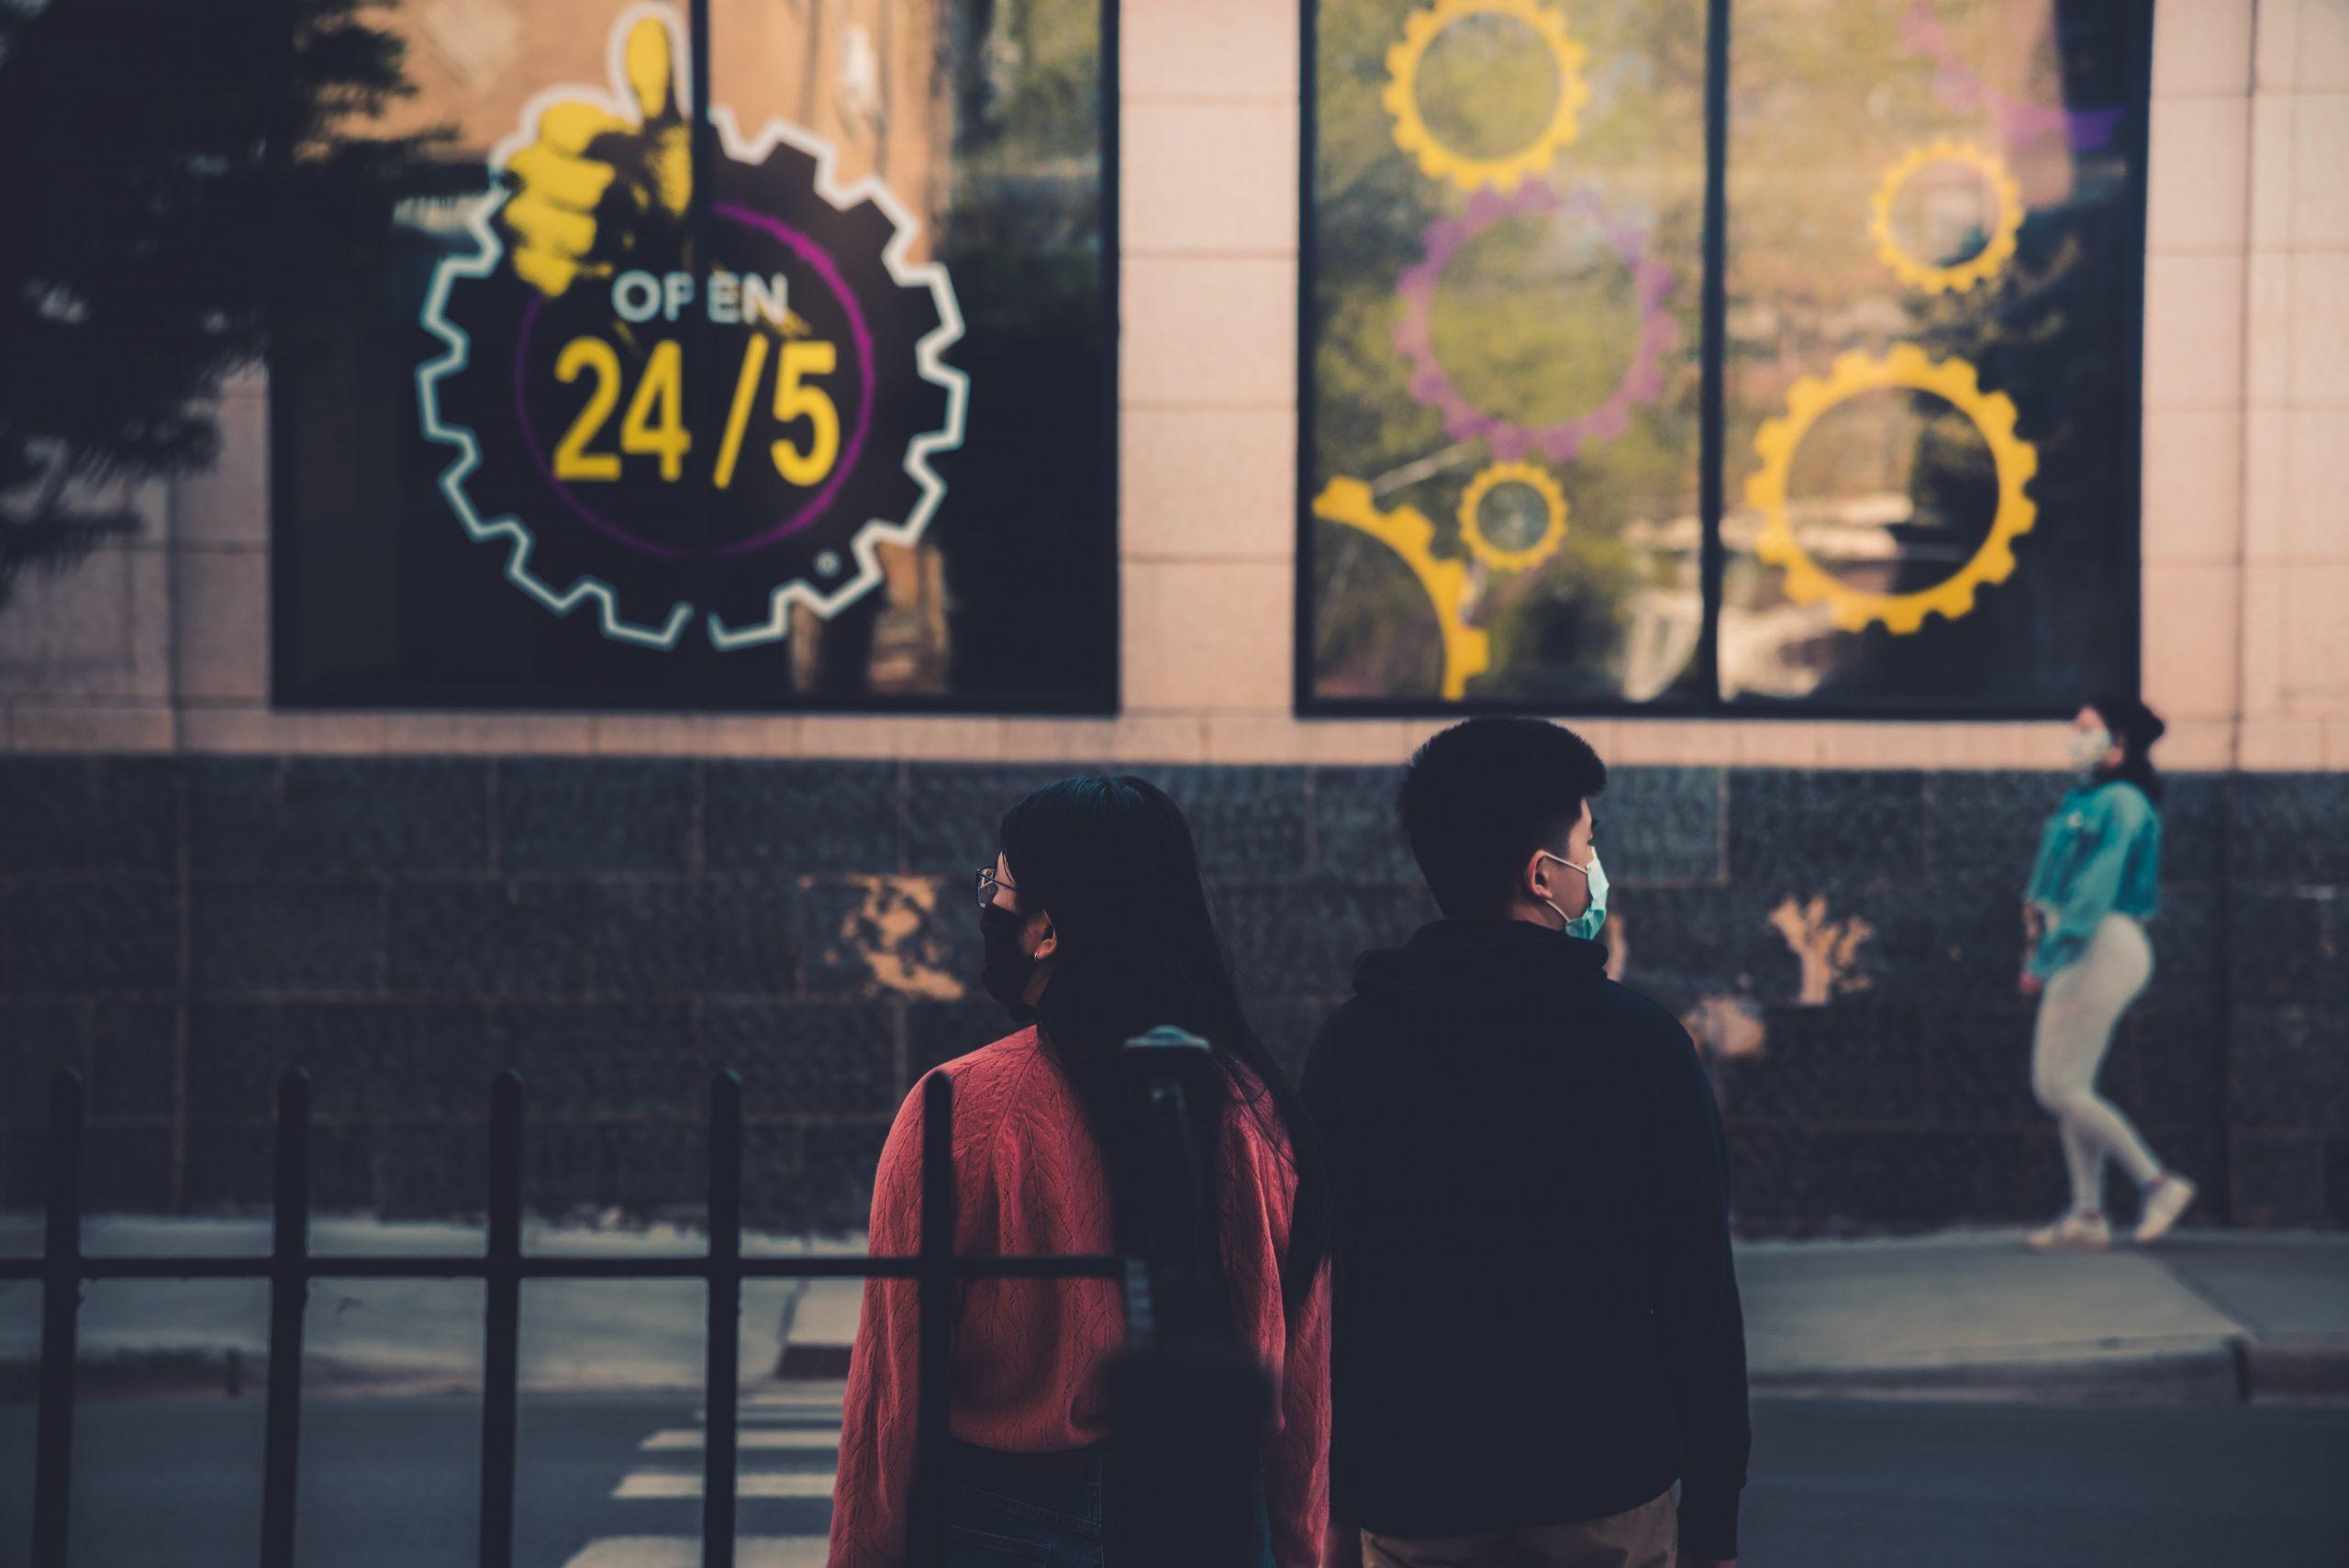 dvaja ľudia na ulici v rúškach